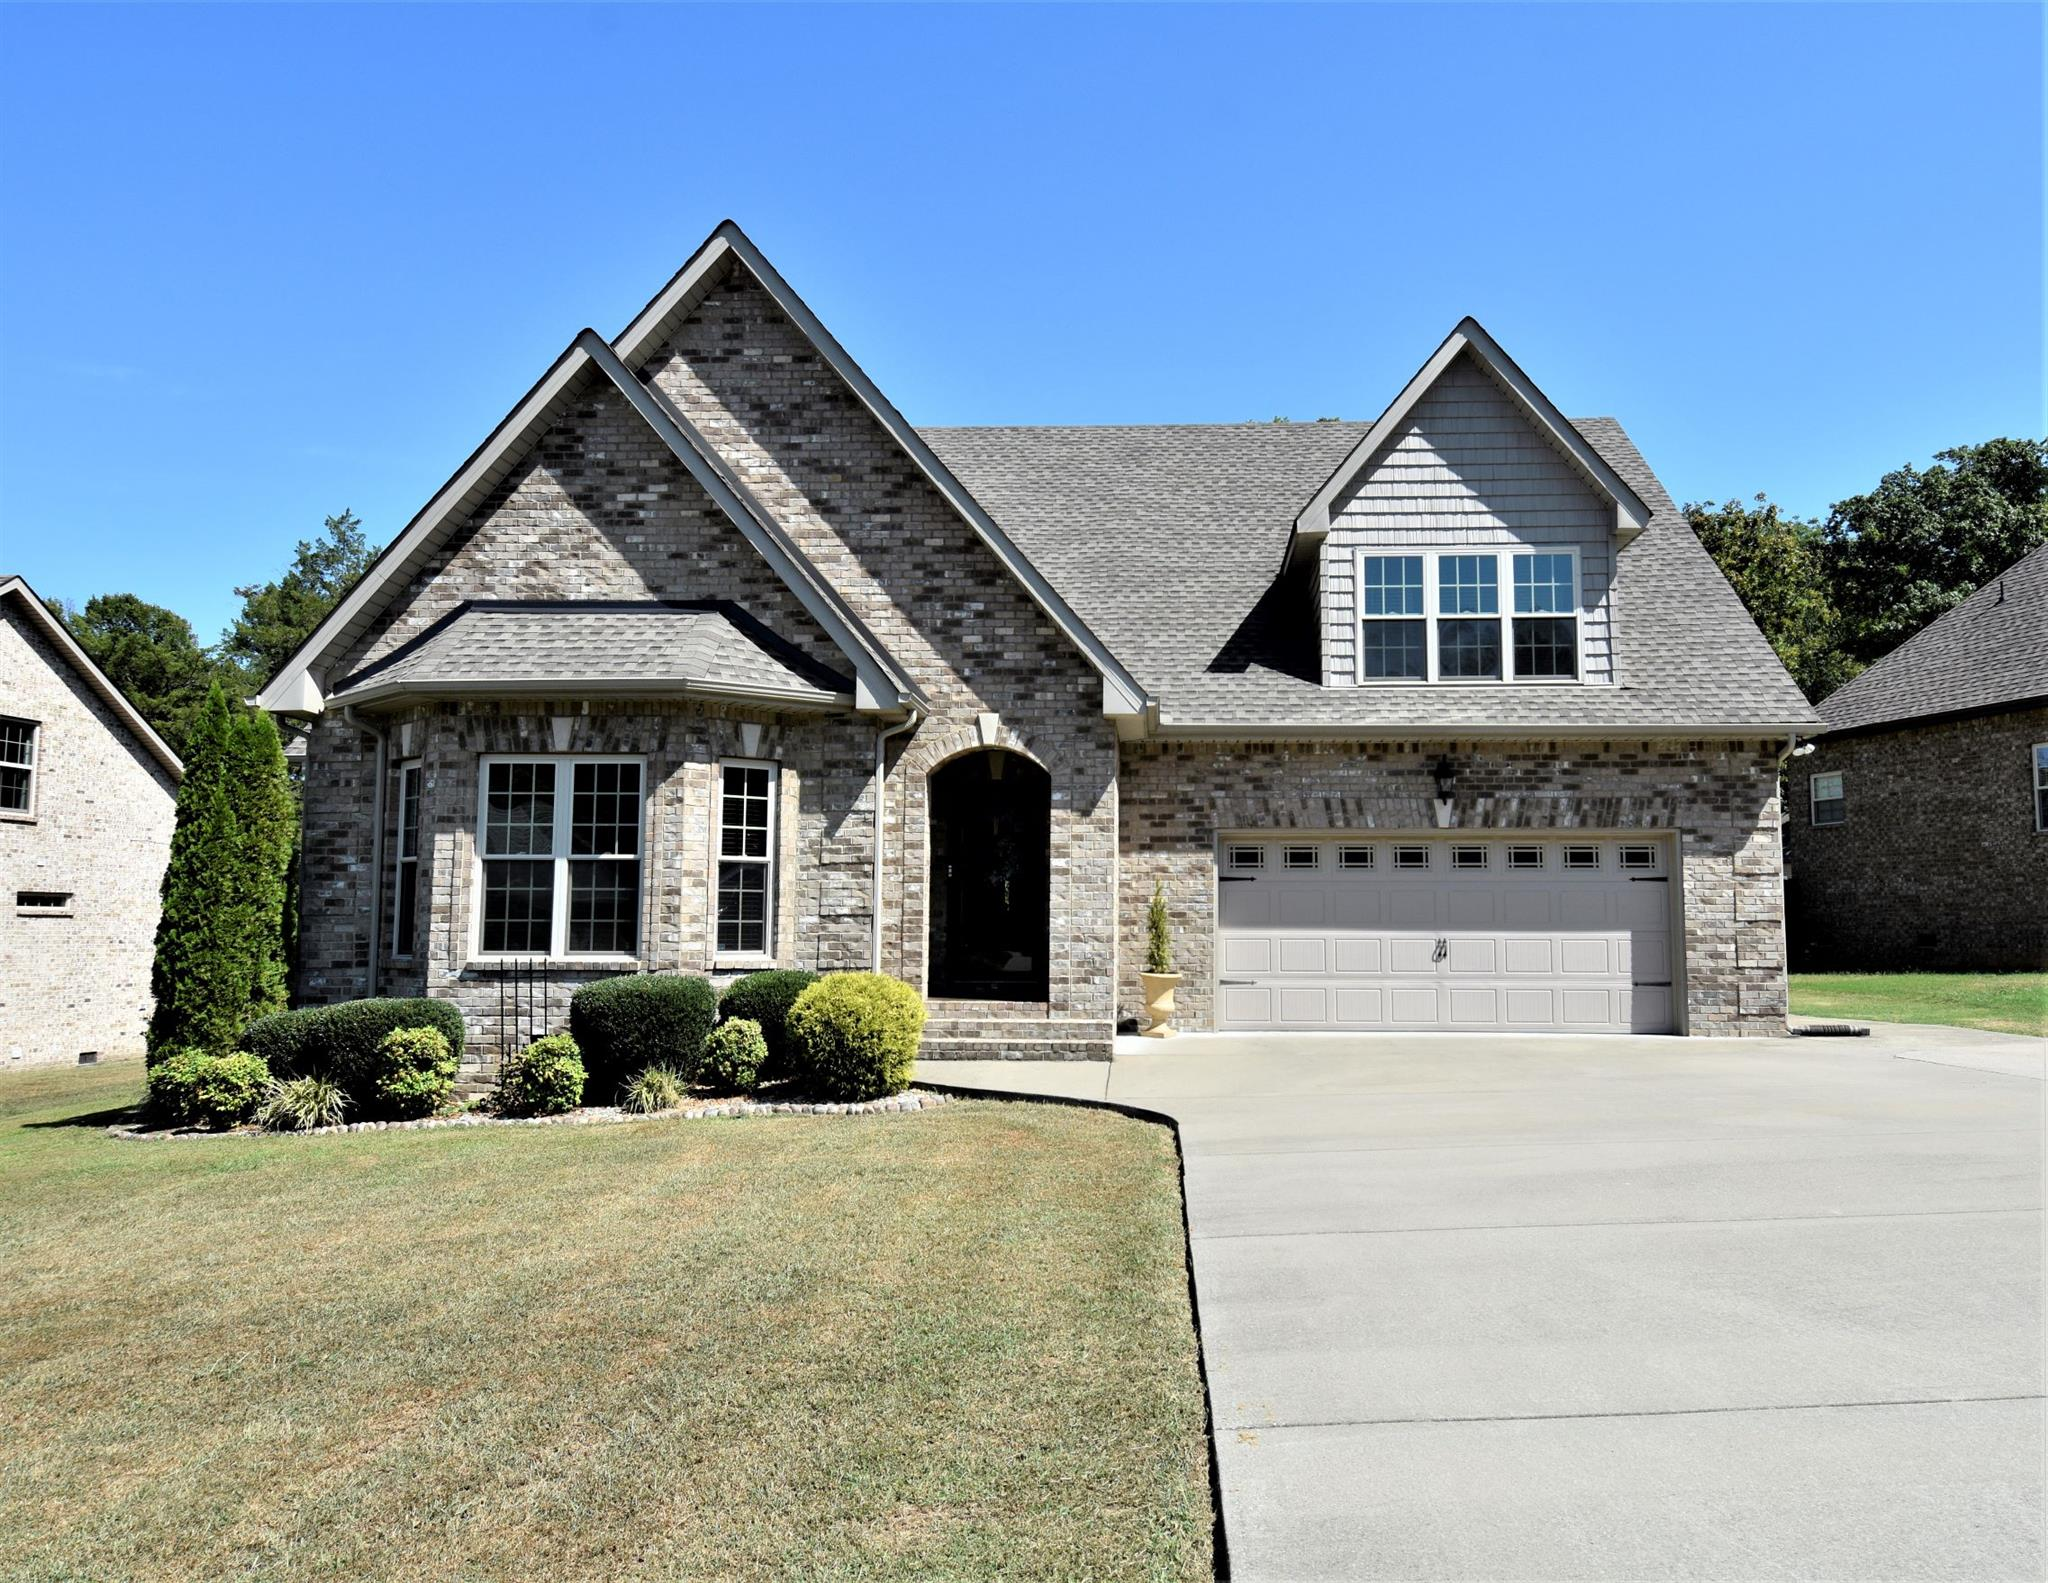 3727 Berryhill Dr, Murfreesboro, TN 37127 - Murfreesboro, TN real estate listing